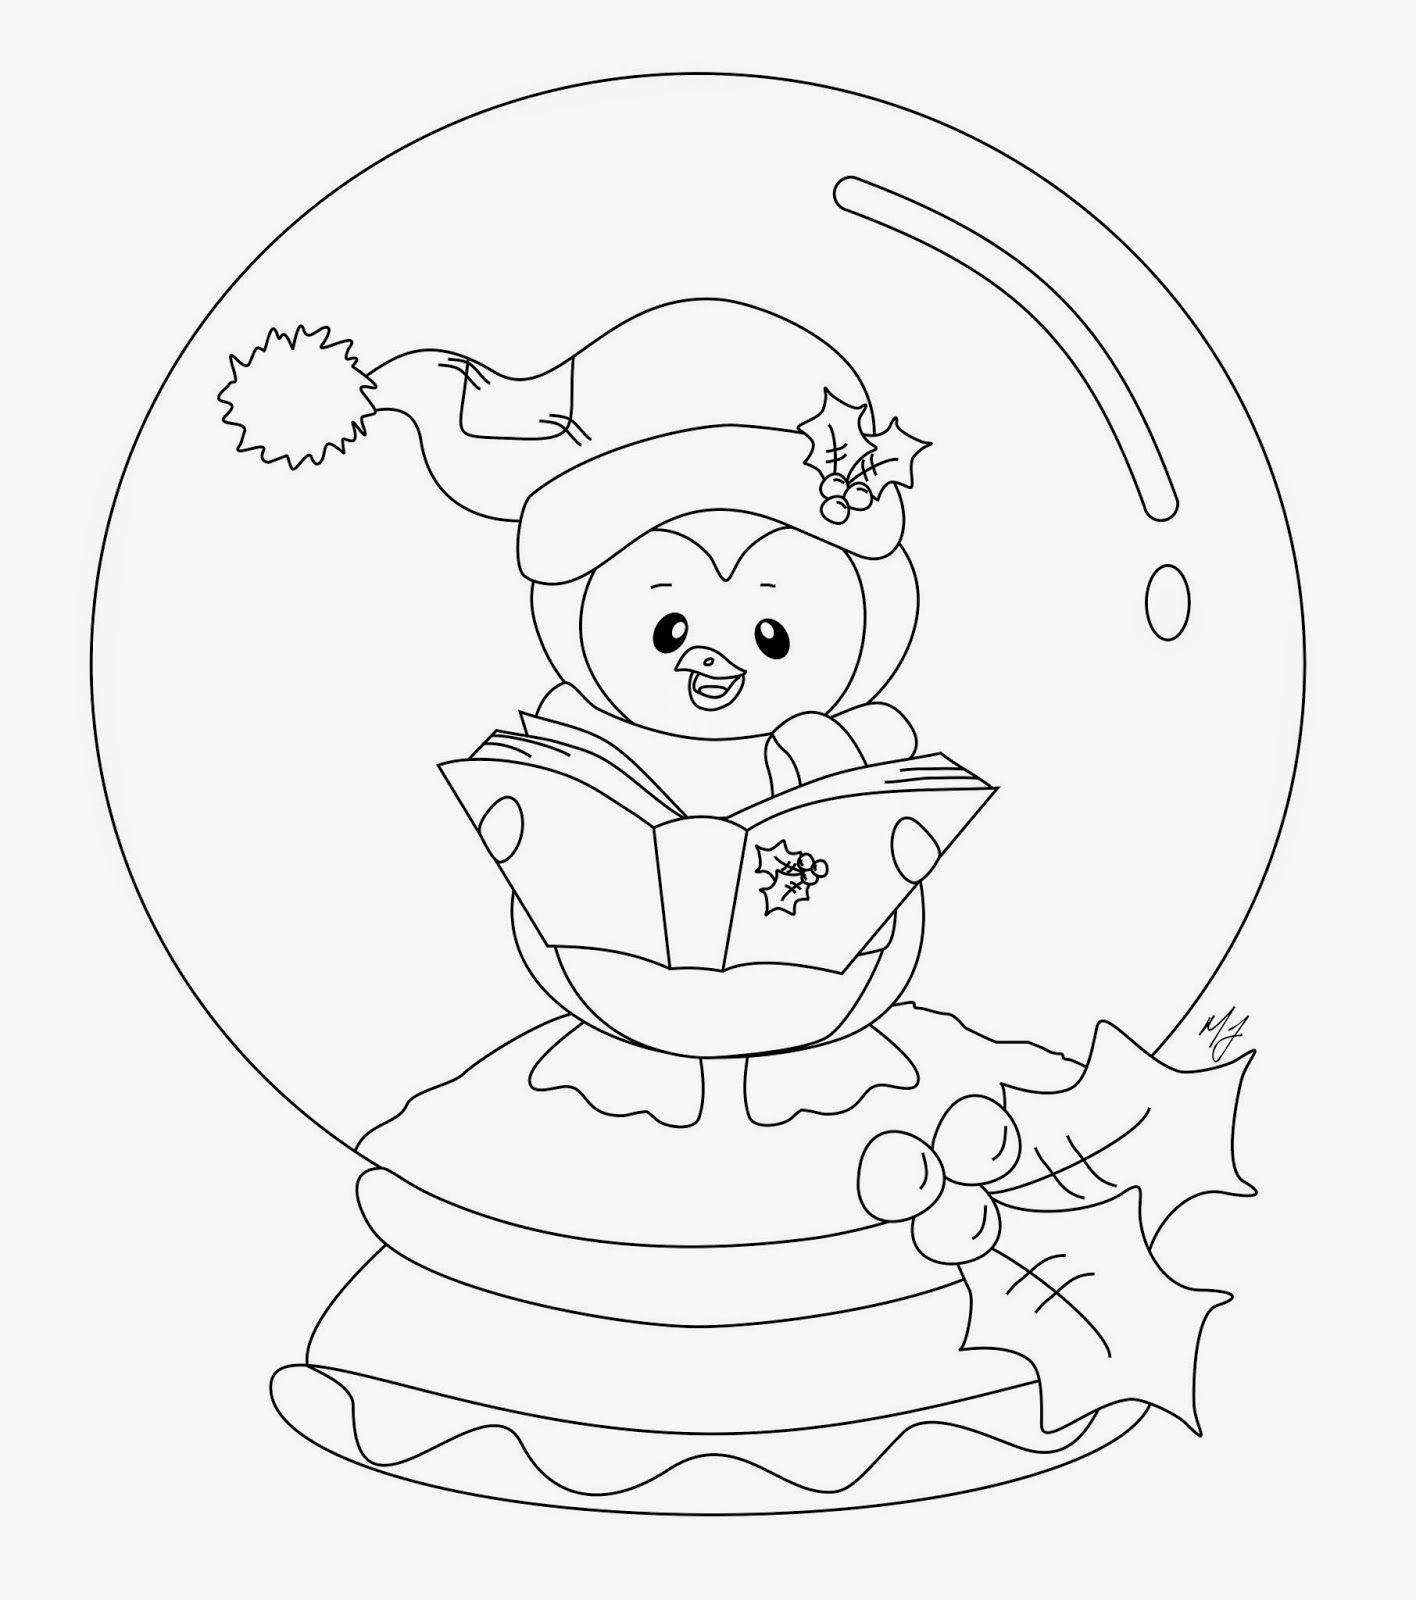 malvorlage eule weihnachten | aiquruguay